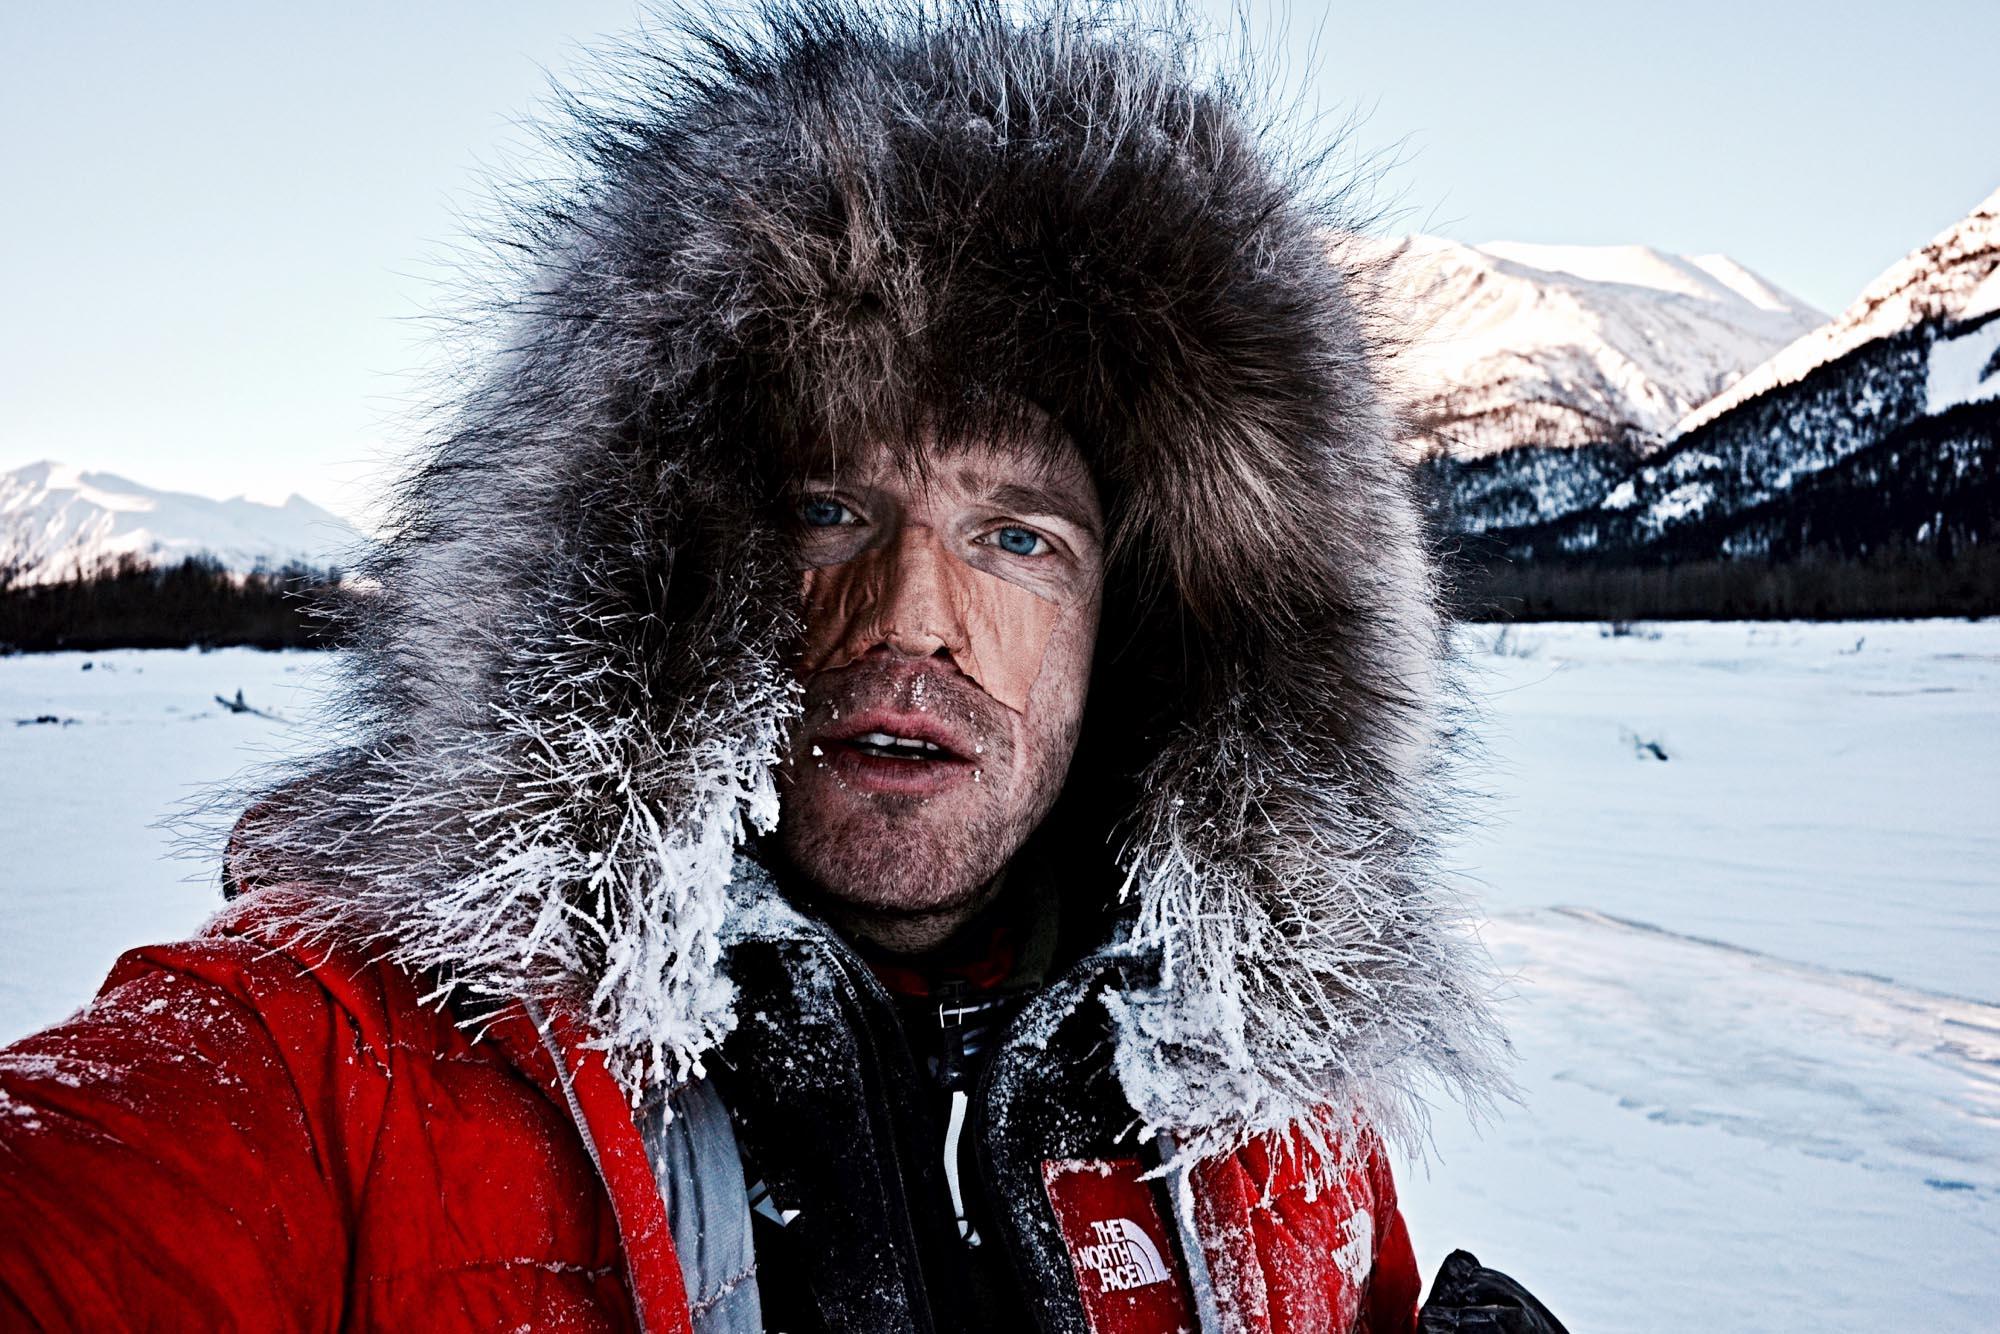 Expresky z hôr 61 - Pavel Richtr na najťažších zimných pretekoch na svete, zdroj: emontana.cz